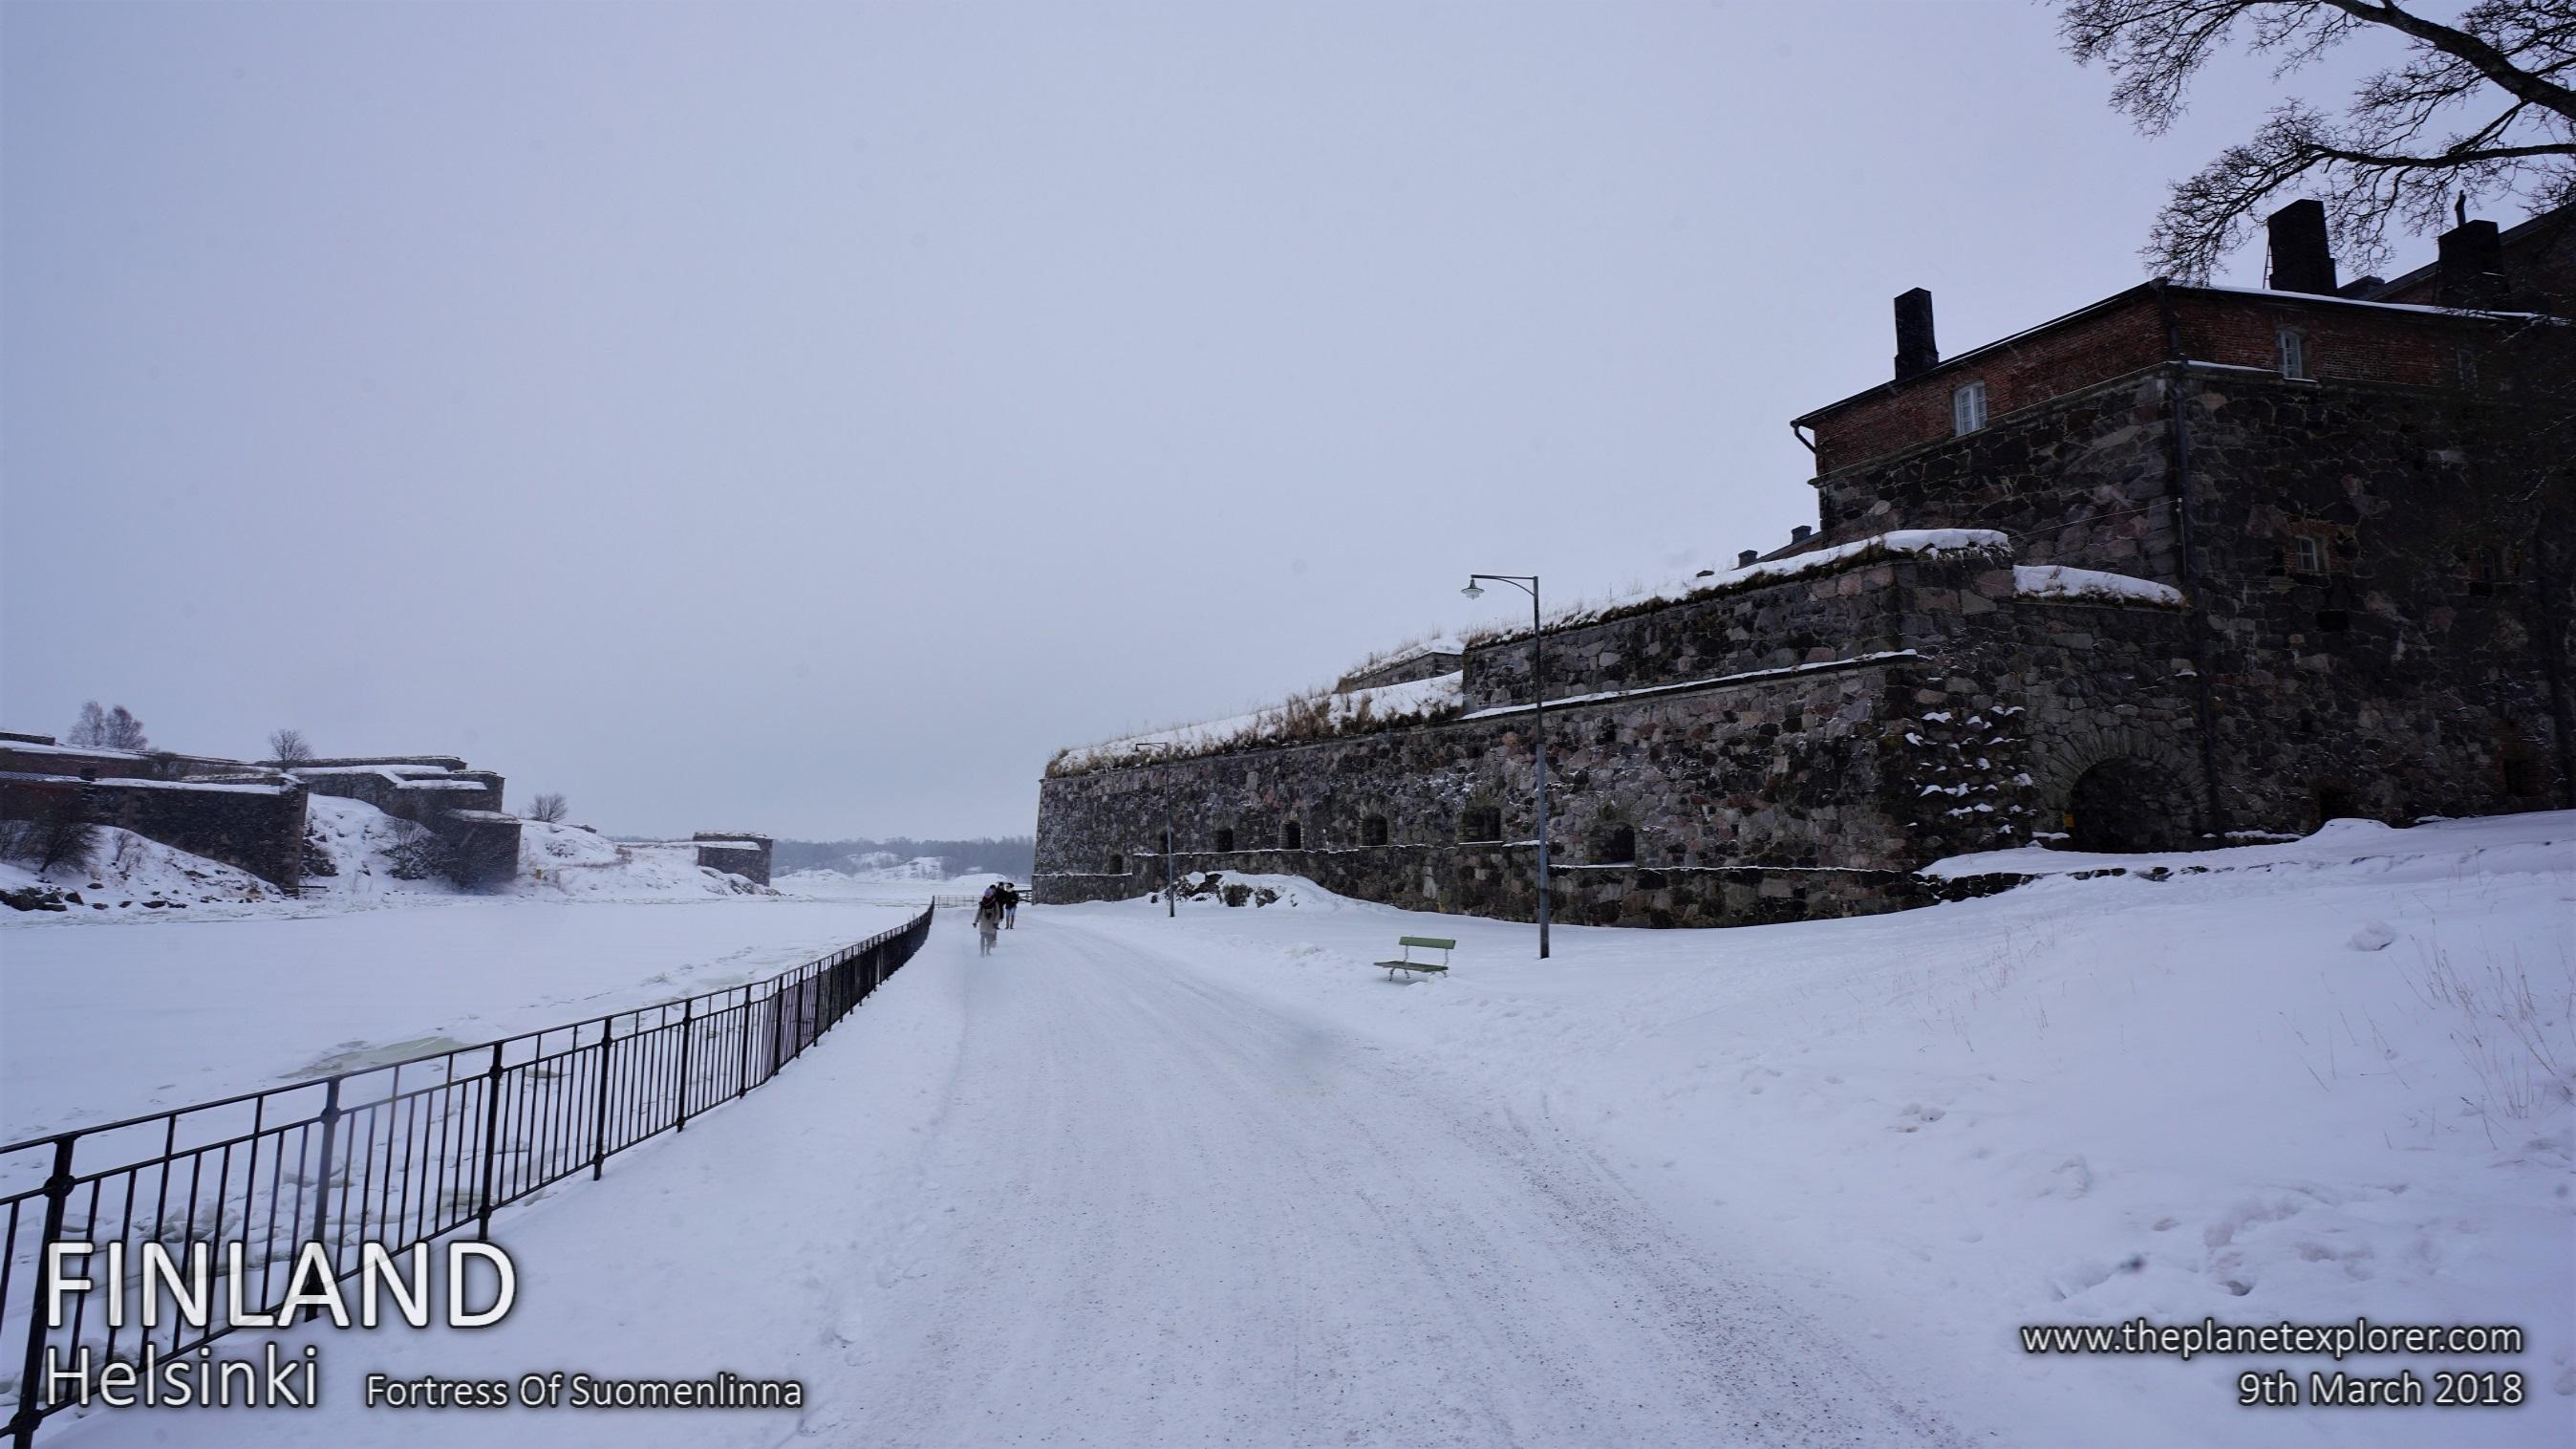 20180309_1205_Finland_Helsinki_Fortress Of Suomenlinna_DSC00203_Sony a7R2_LR_@www